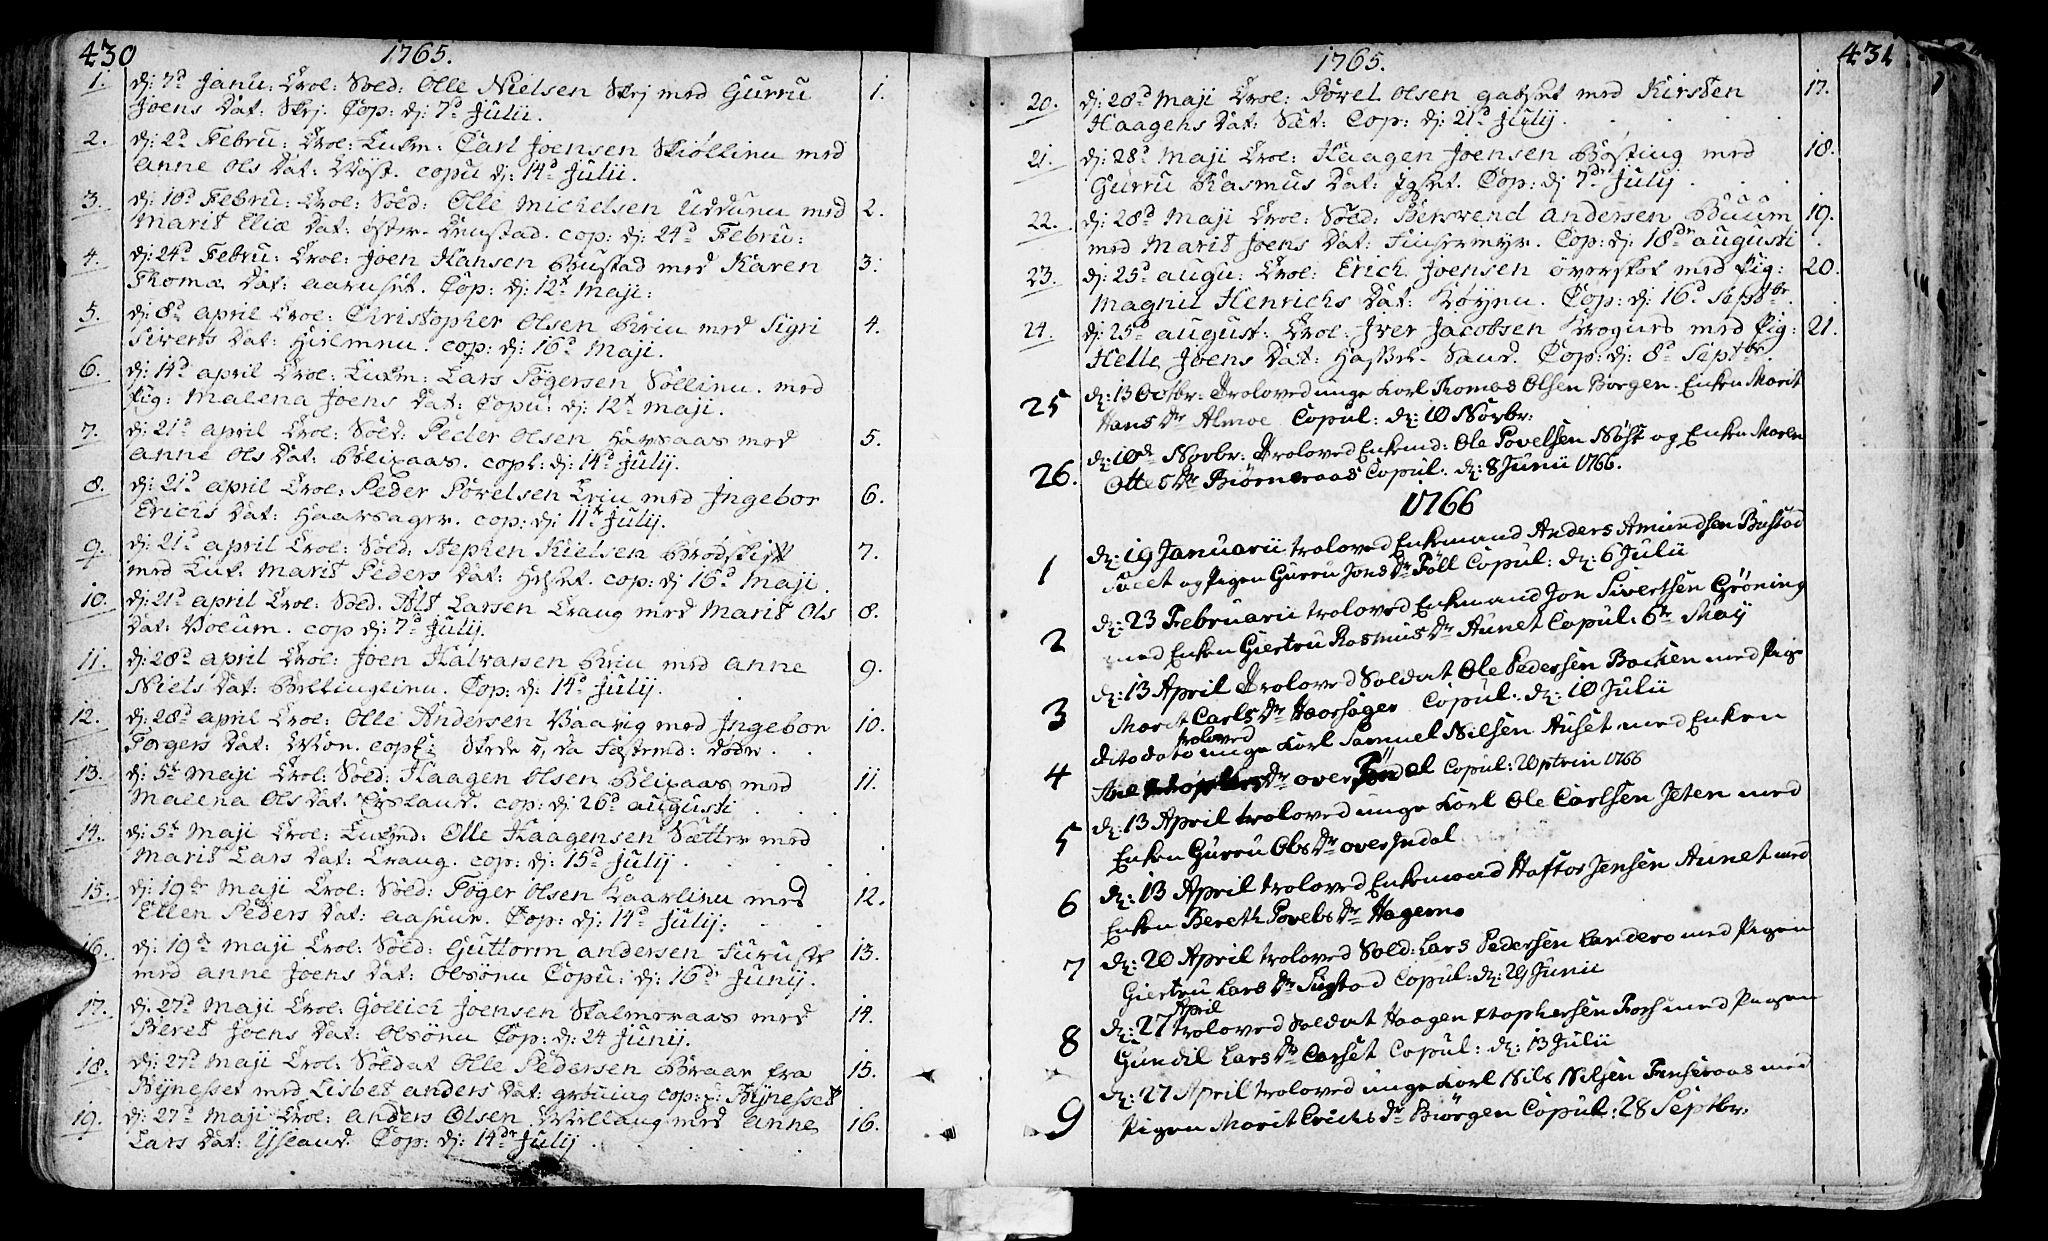 SAT, Ministerialprotokoller, klokkerbøker og fødselsregistre - Sør-Trøndelag, 646/L0605: Ministerialbok nr. 646A03, 1751-1790, s. 430-431